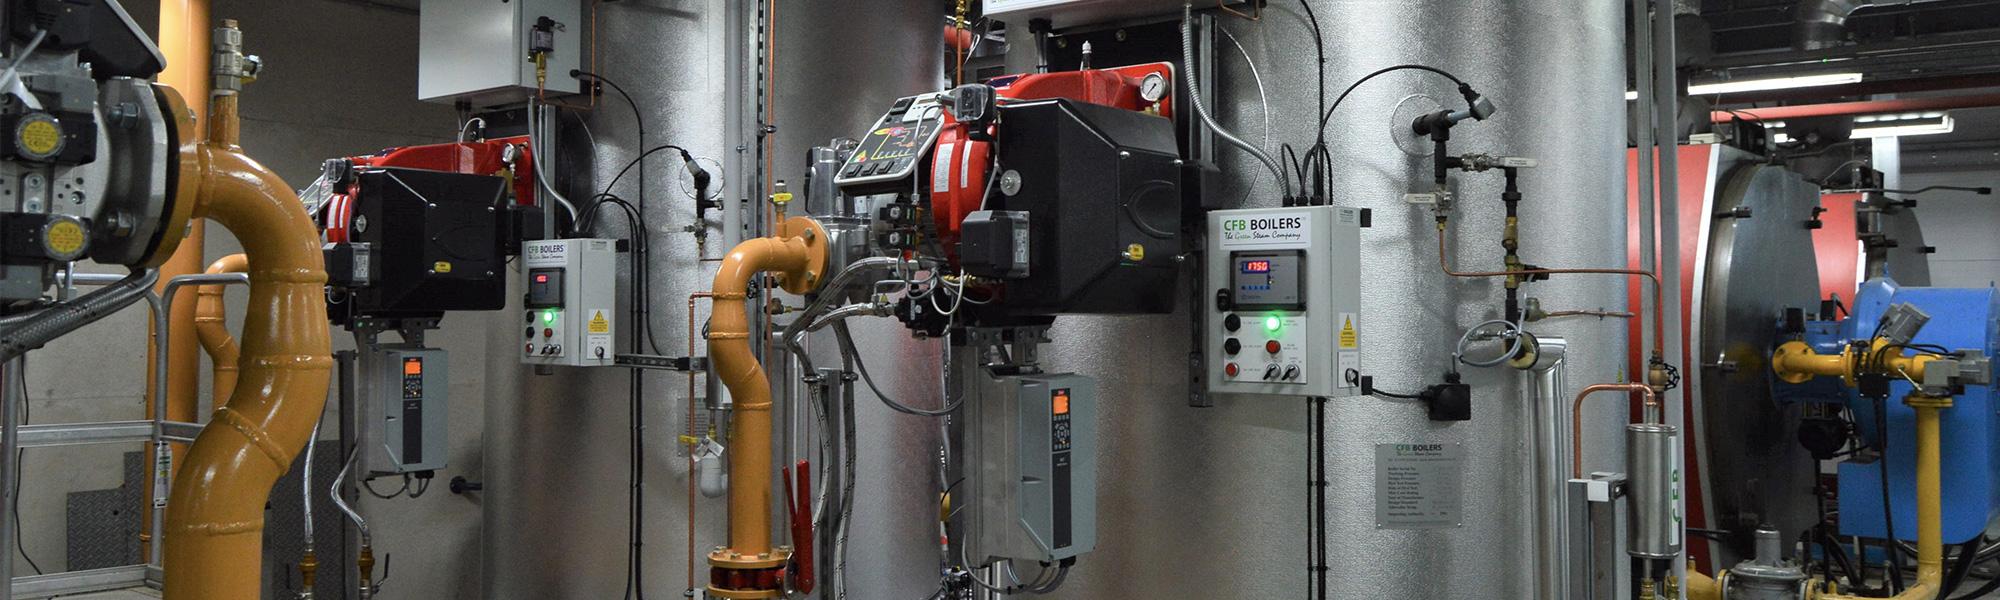 boiler_hire